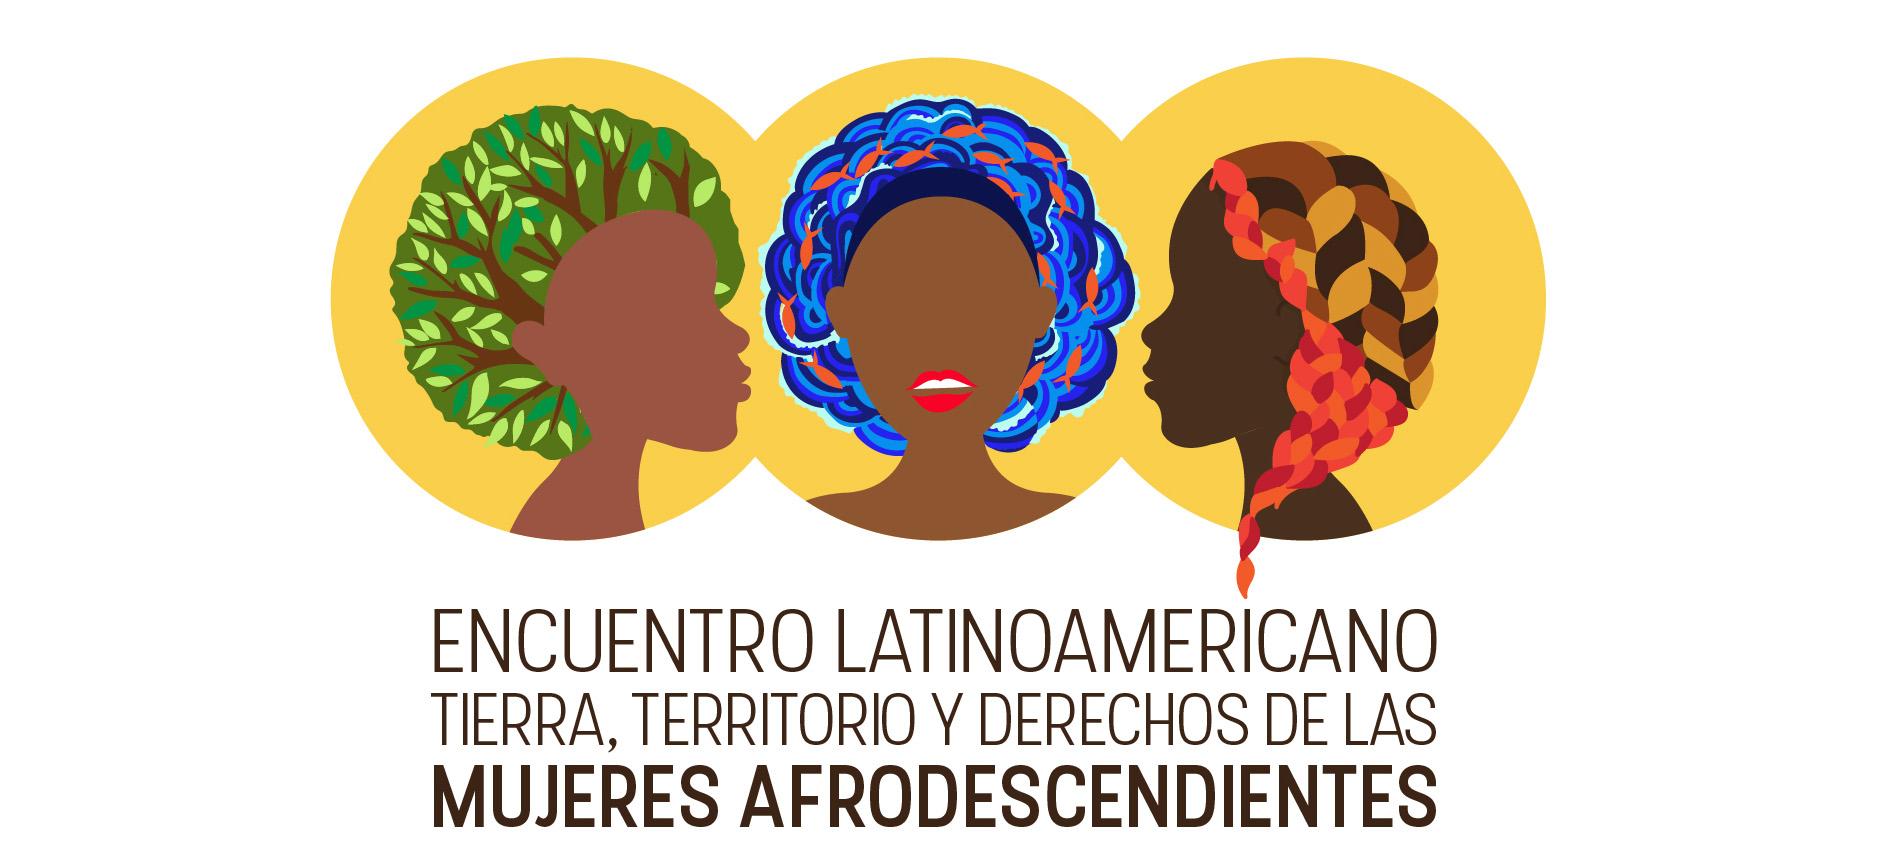 Encuentro Latinoamericano Tierra Territorio y Derechos de las Mujeres Afrodescendientes | Octubre 2016